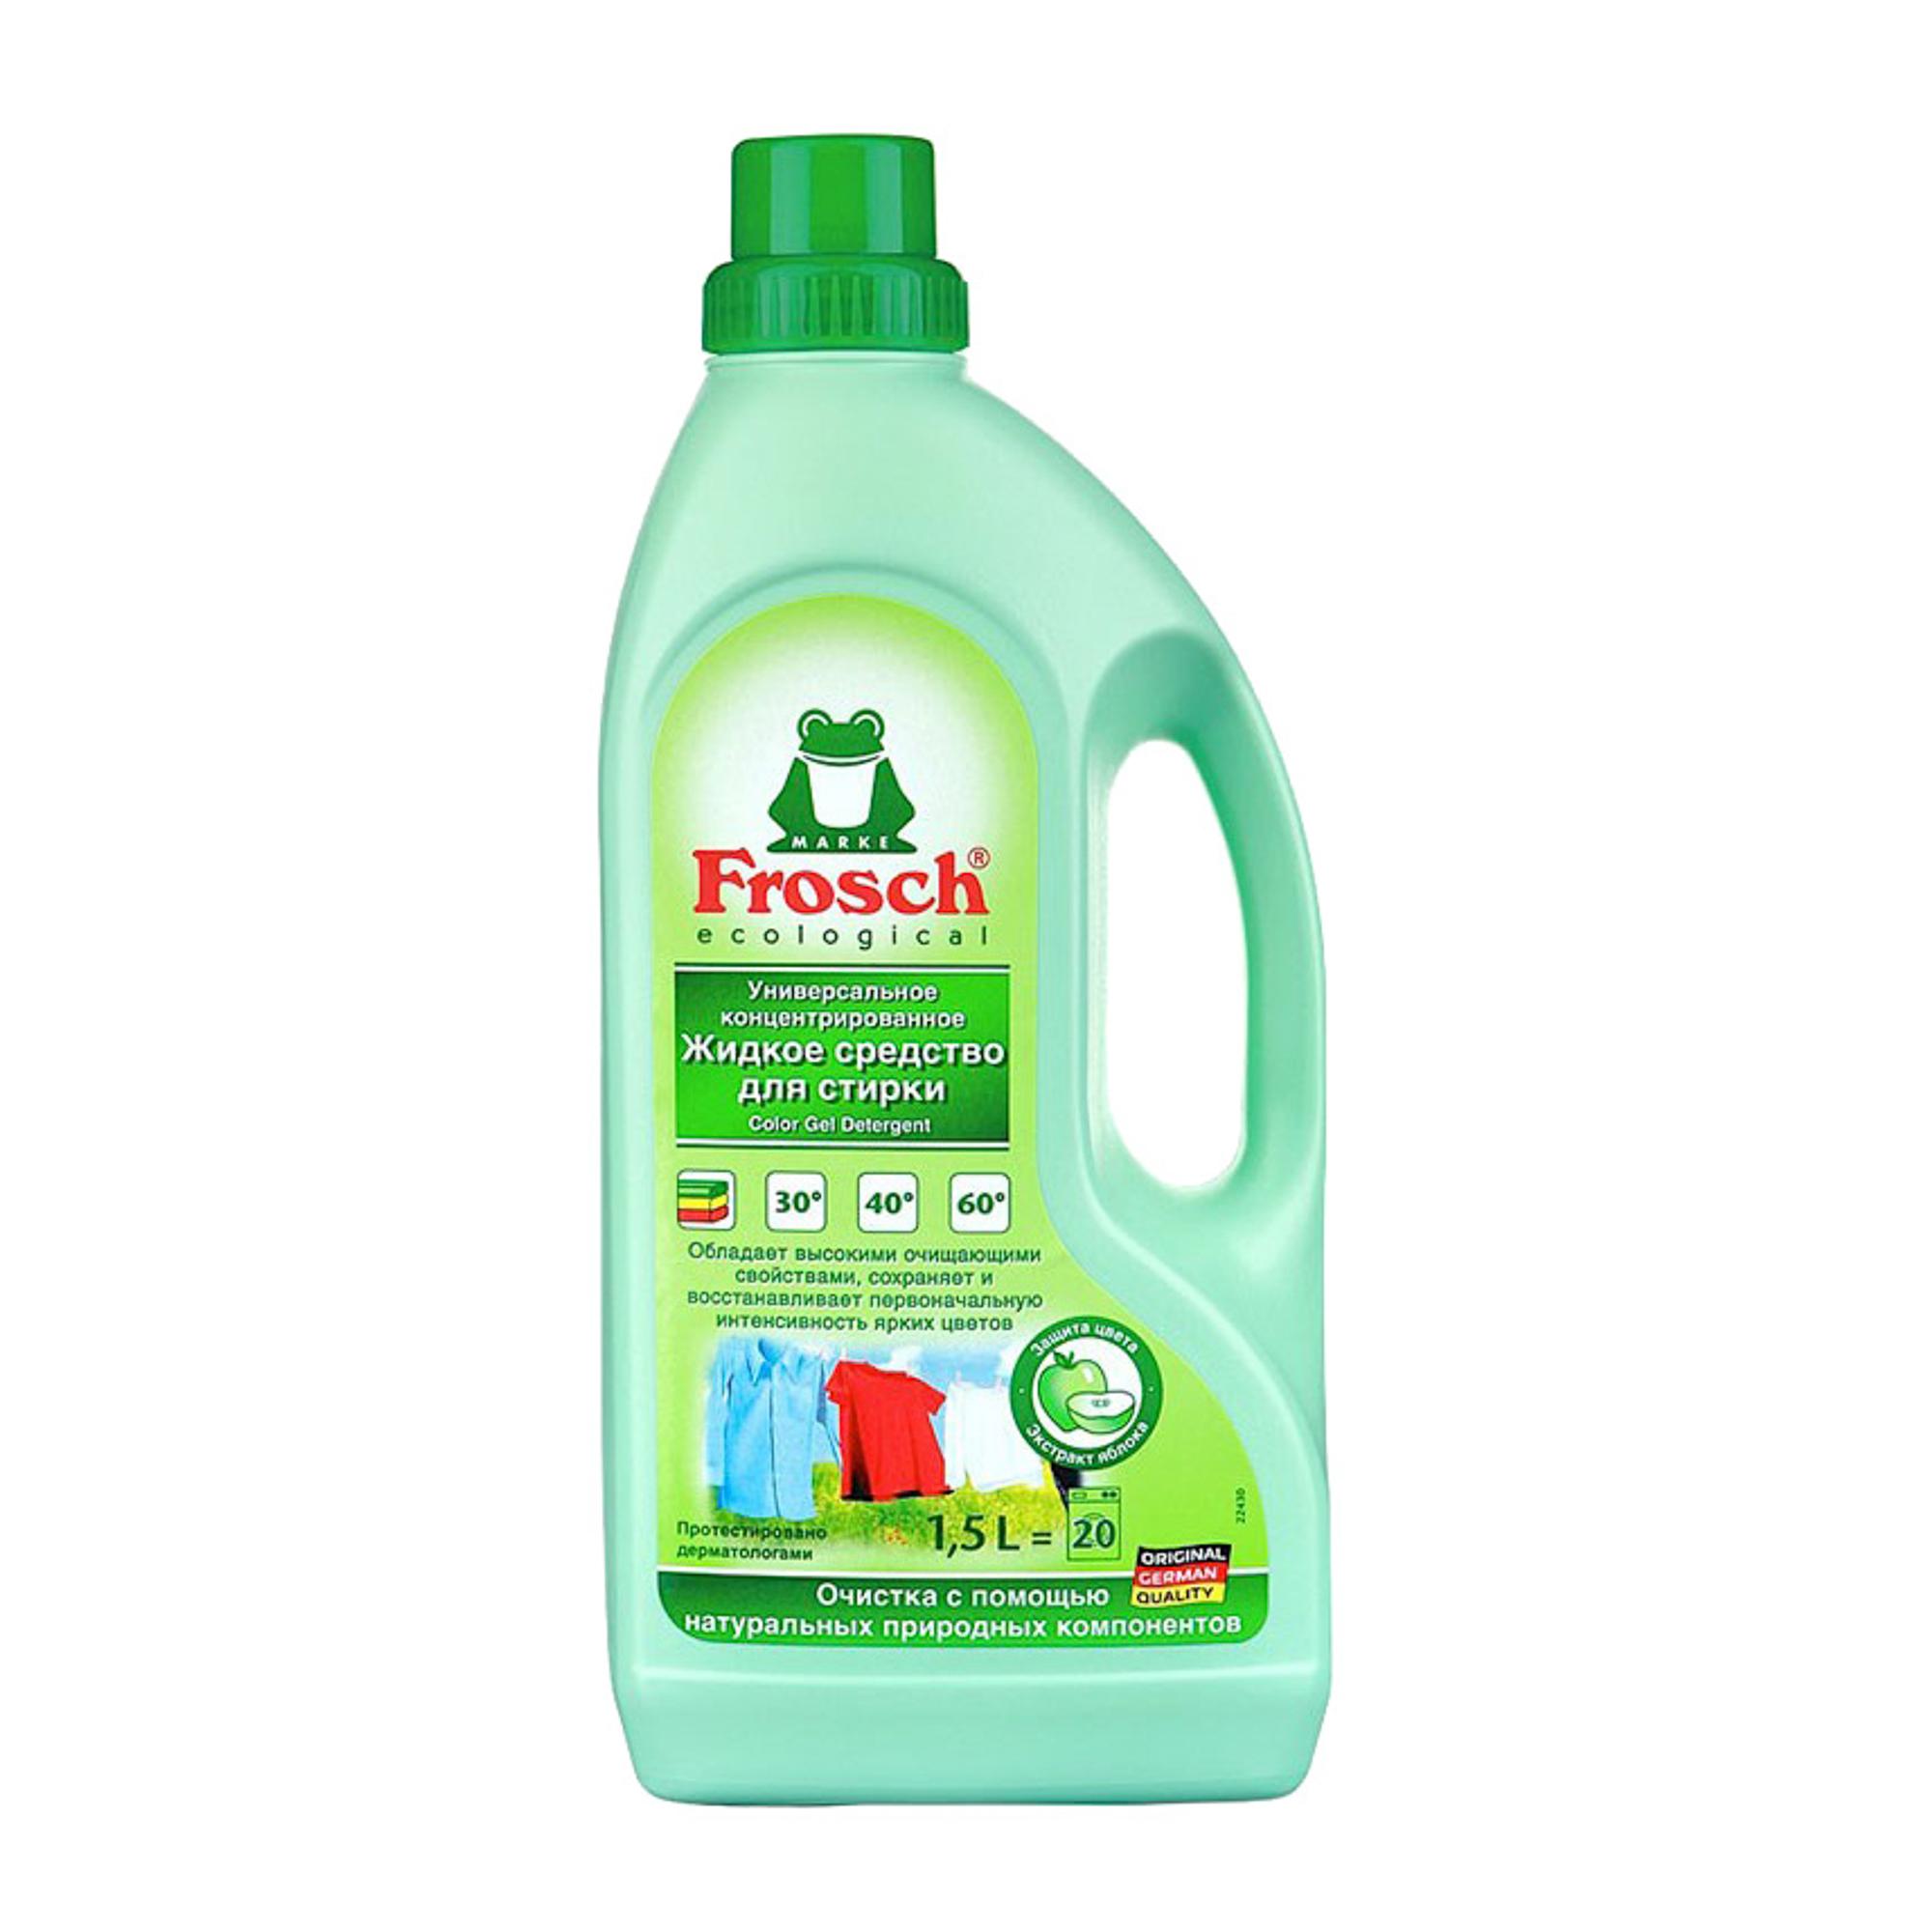 Жидкое концентрированное средство для стирки Frosch Яблоко 1.5 л недорого